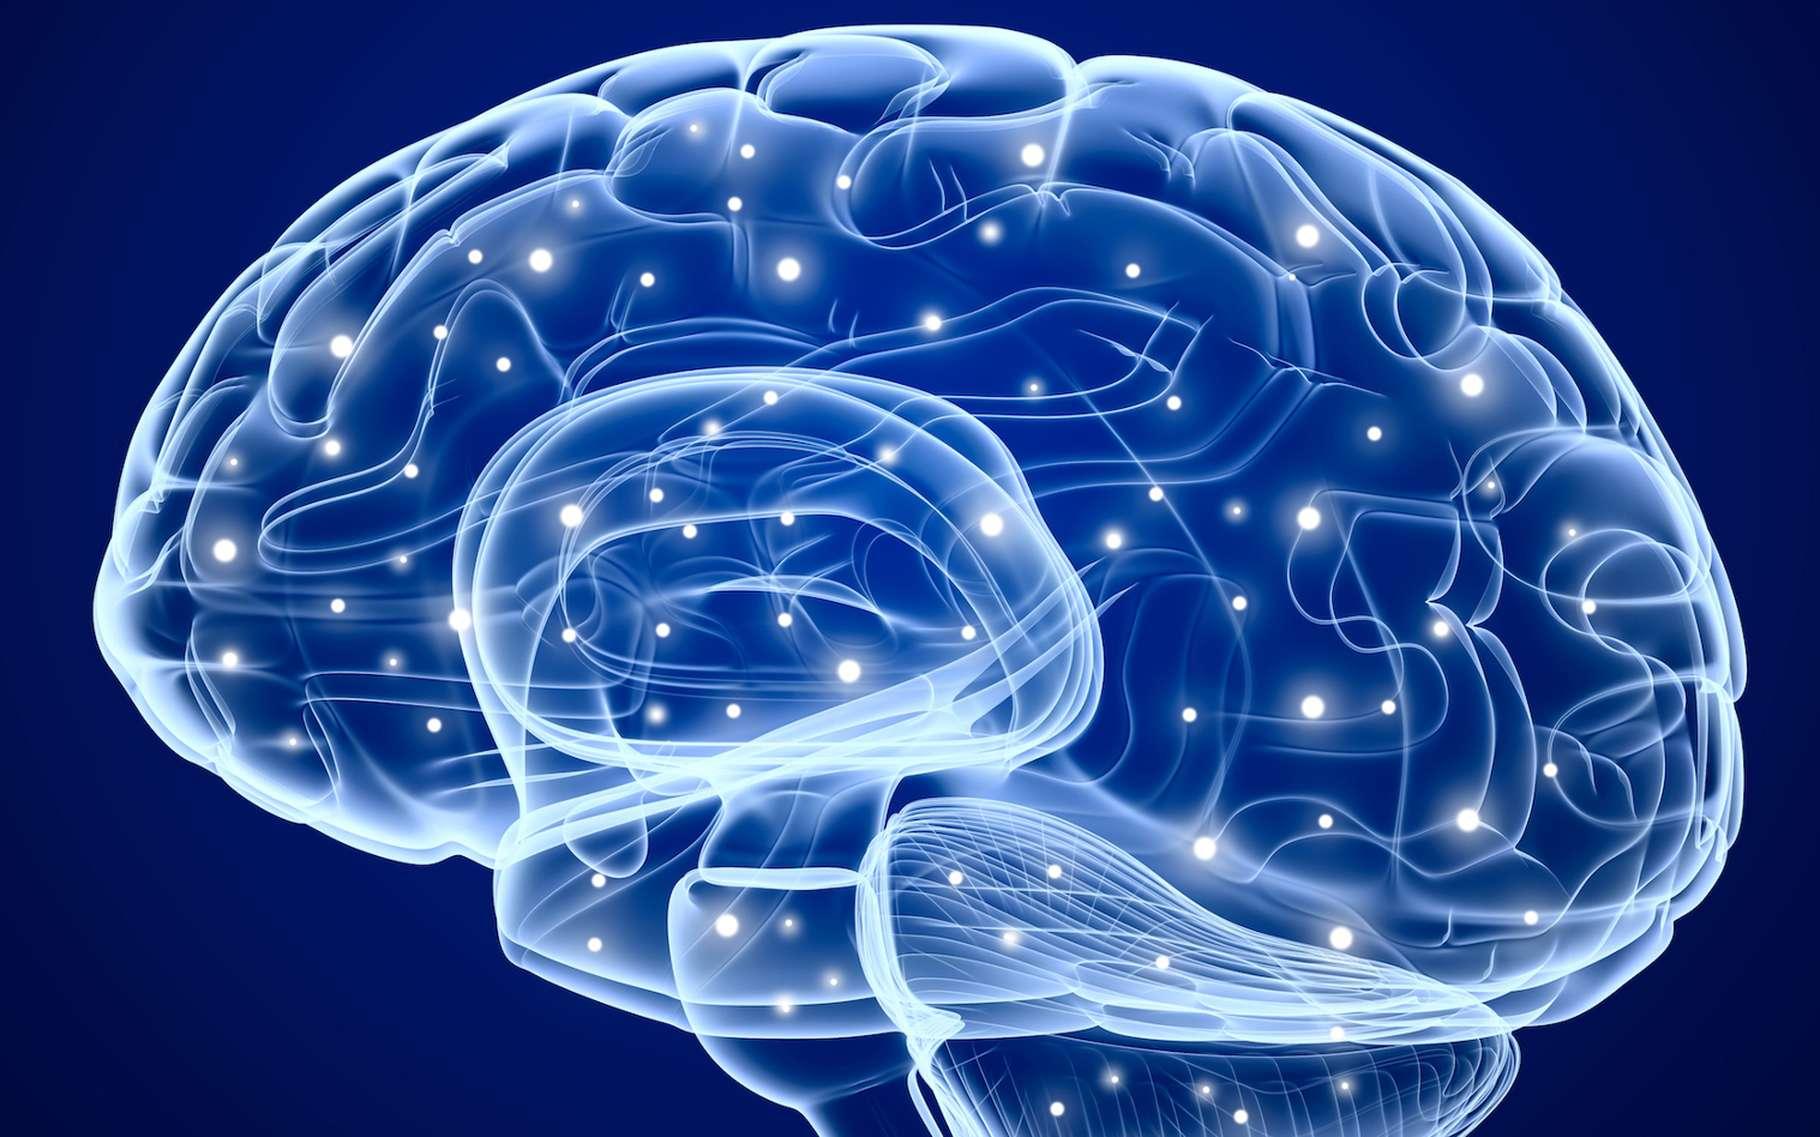 Grâce à des memristors, des chercheurs sont parvenus à reproduire artificiellement certaines fonctions essentielles au développement de l'intelligence dans le cerveau humain. © Alex Mit, Shutterstock